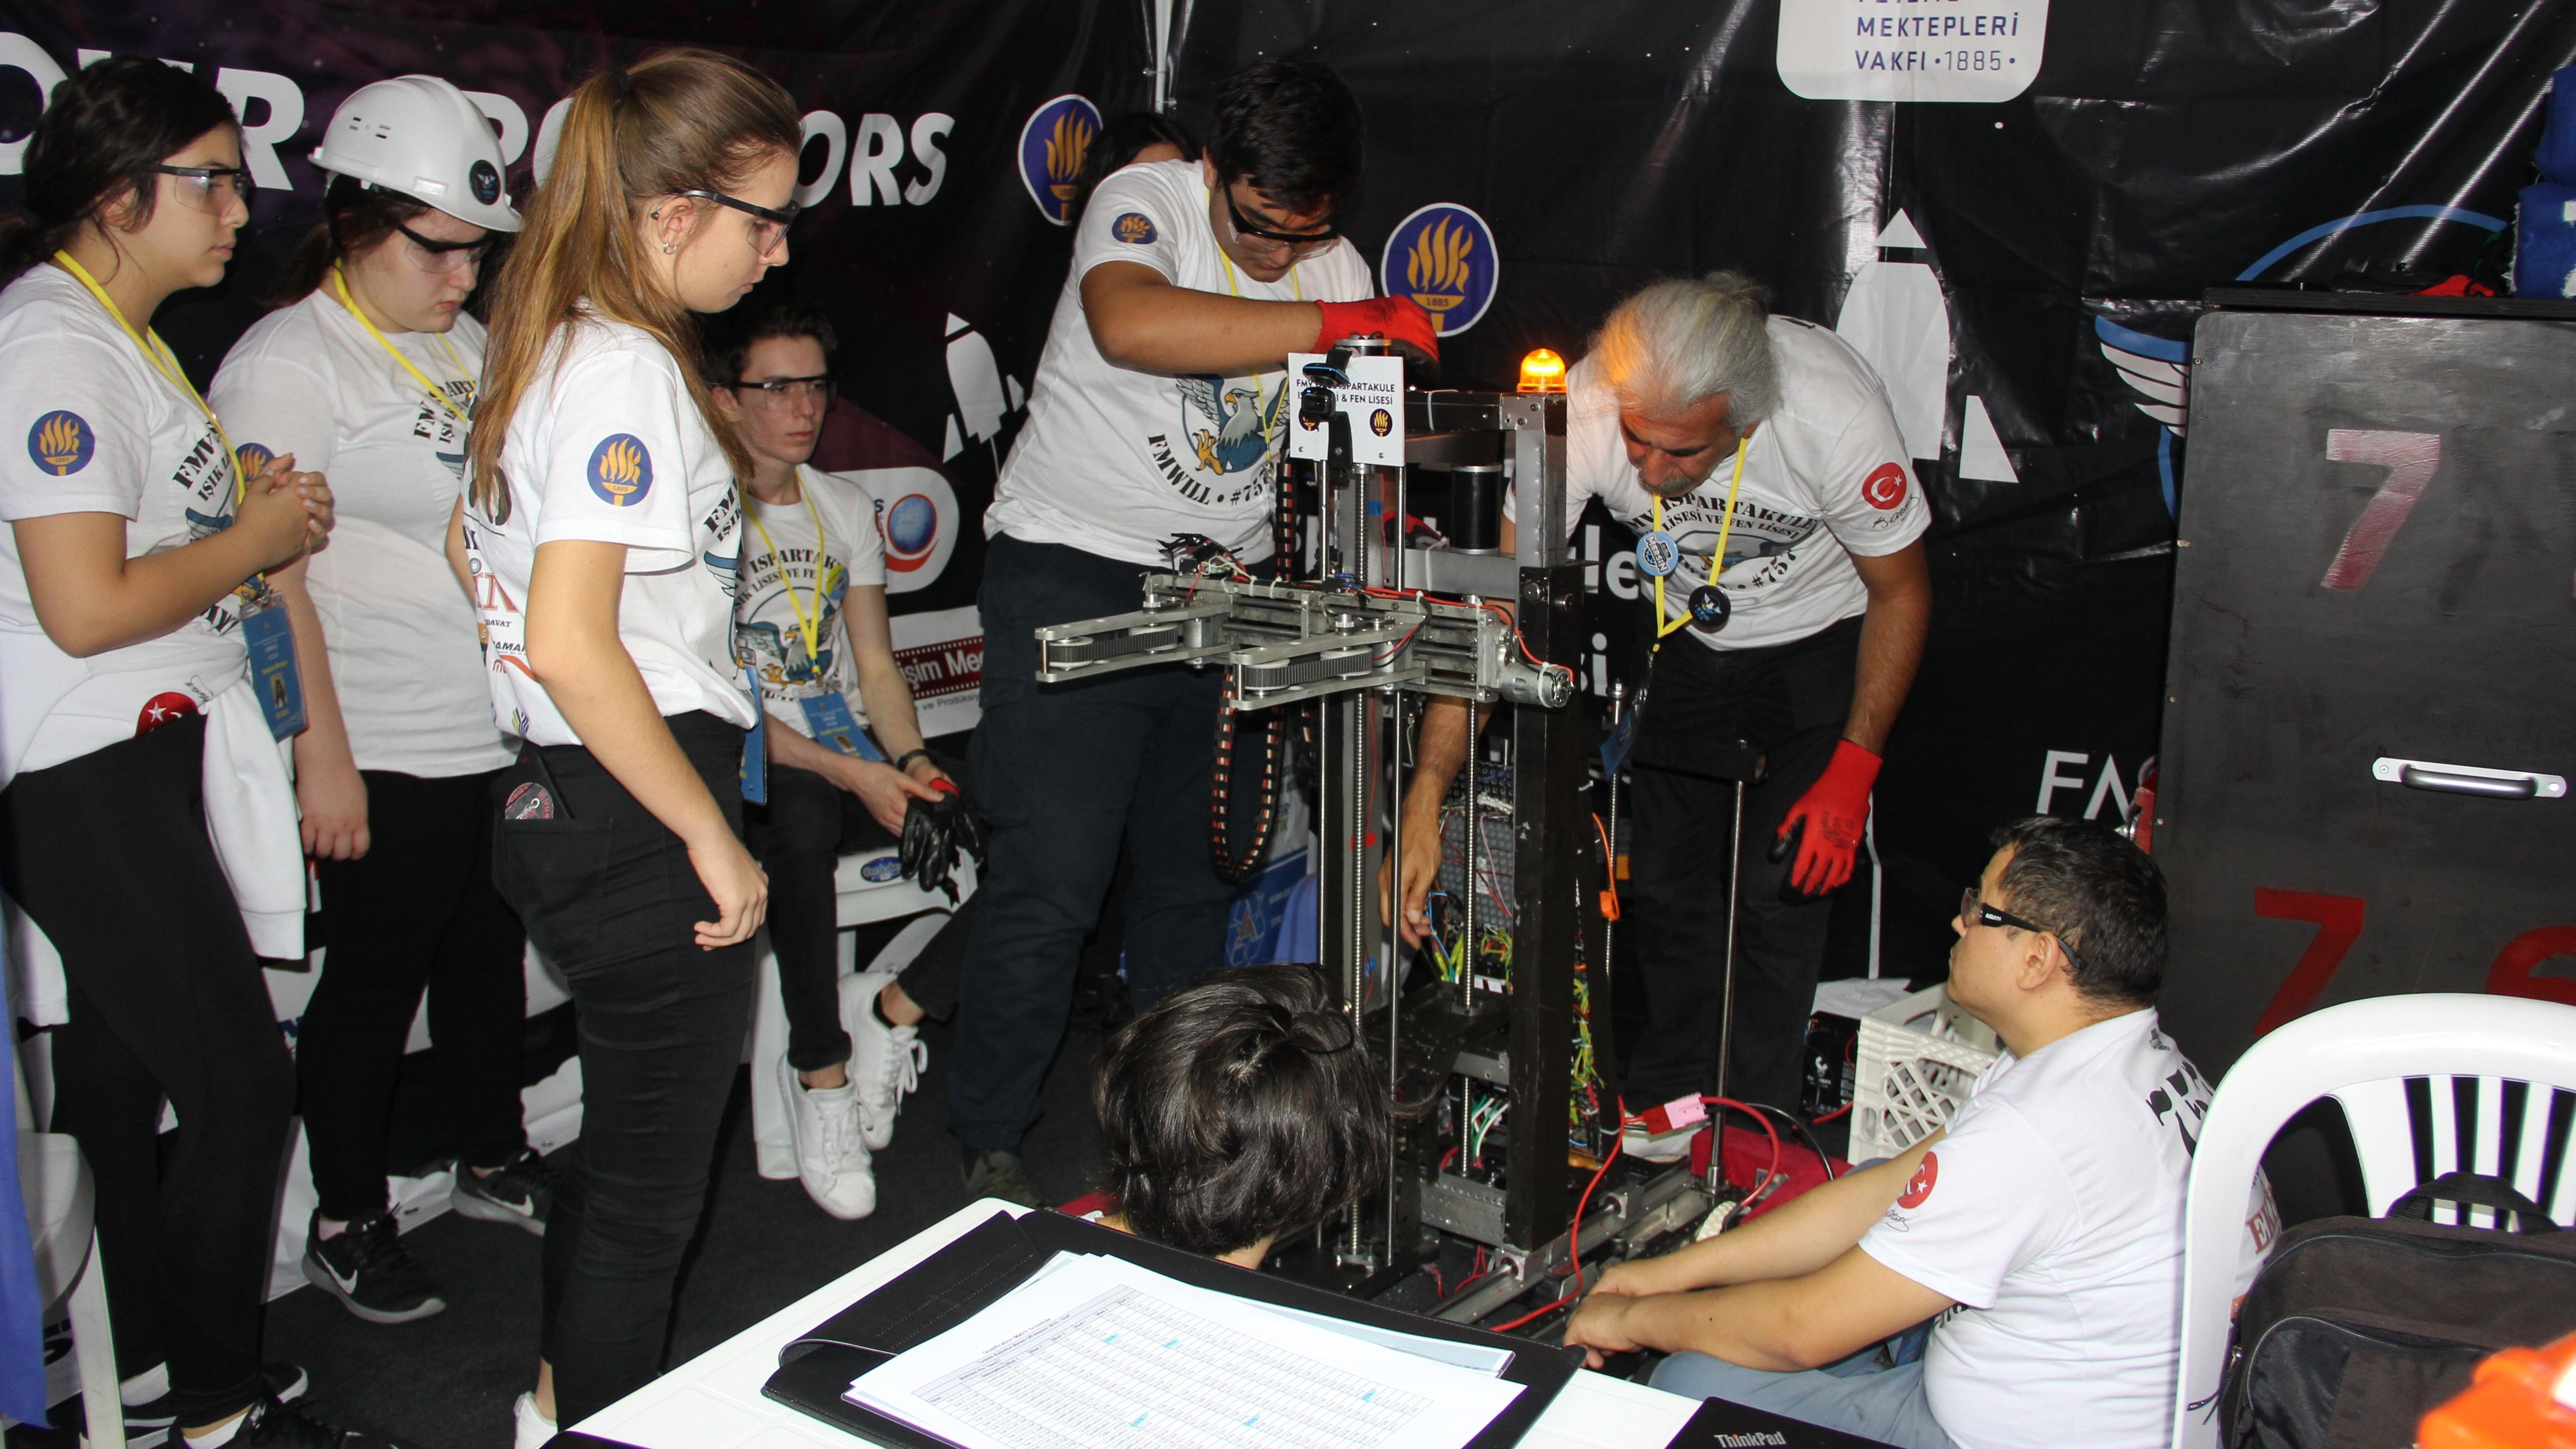 Mersin'de Robotik Turnuva heyecanı başladı